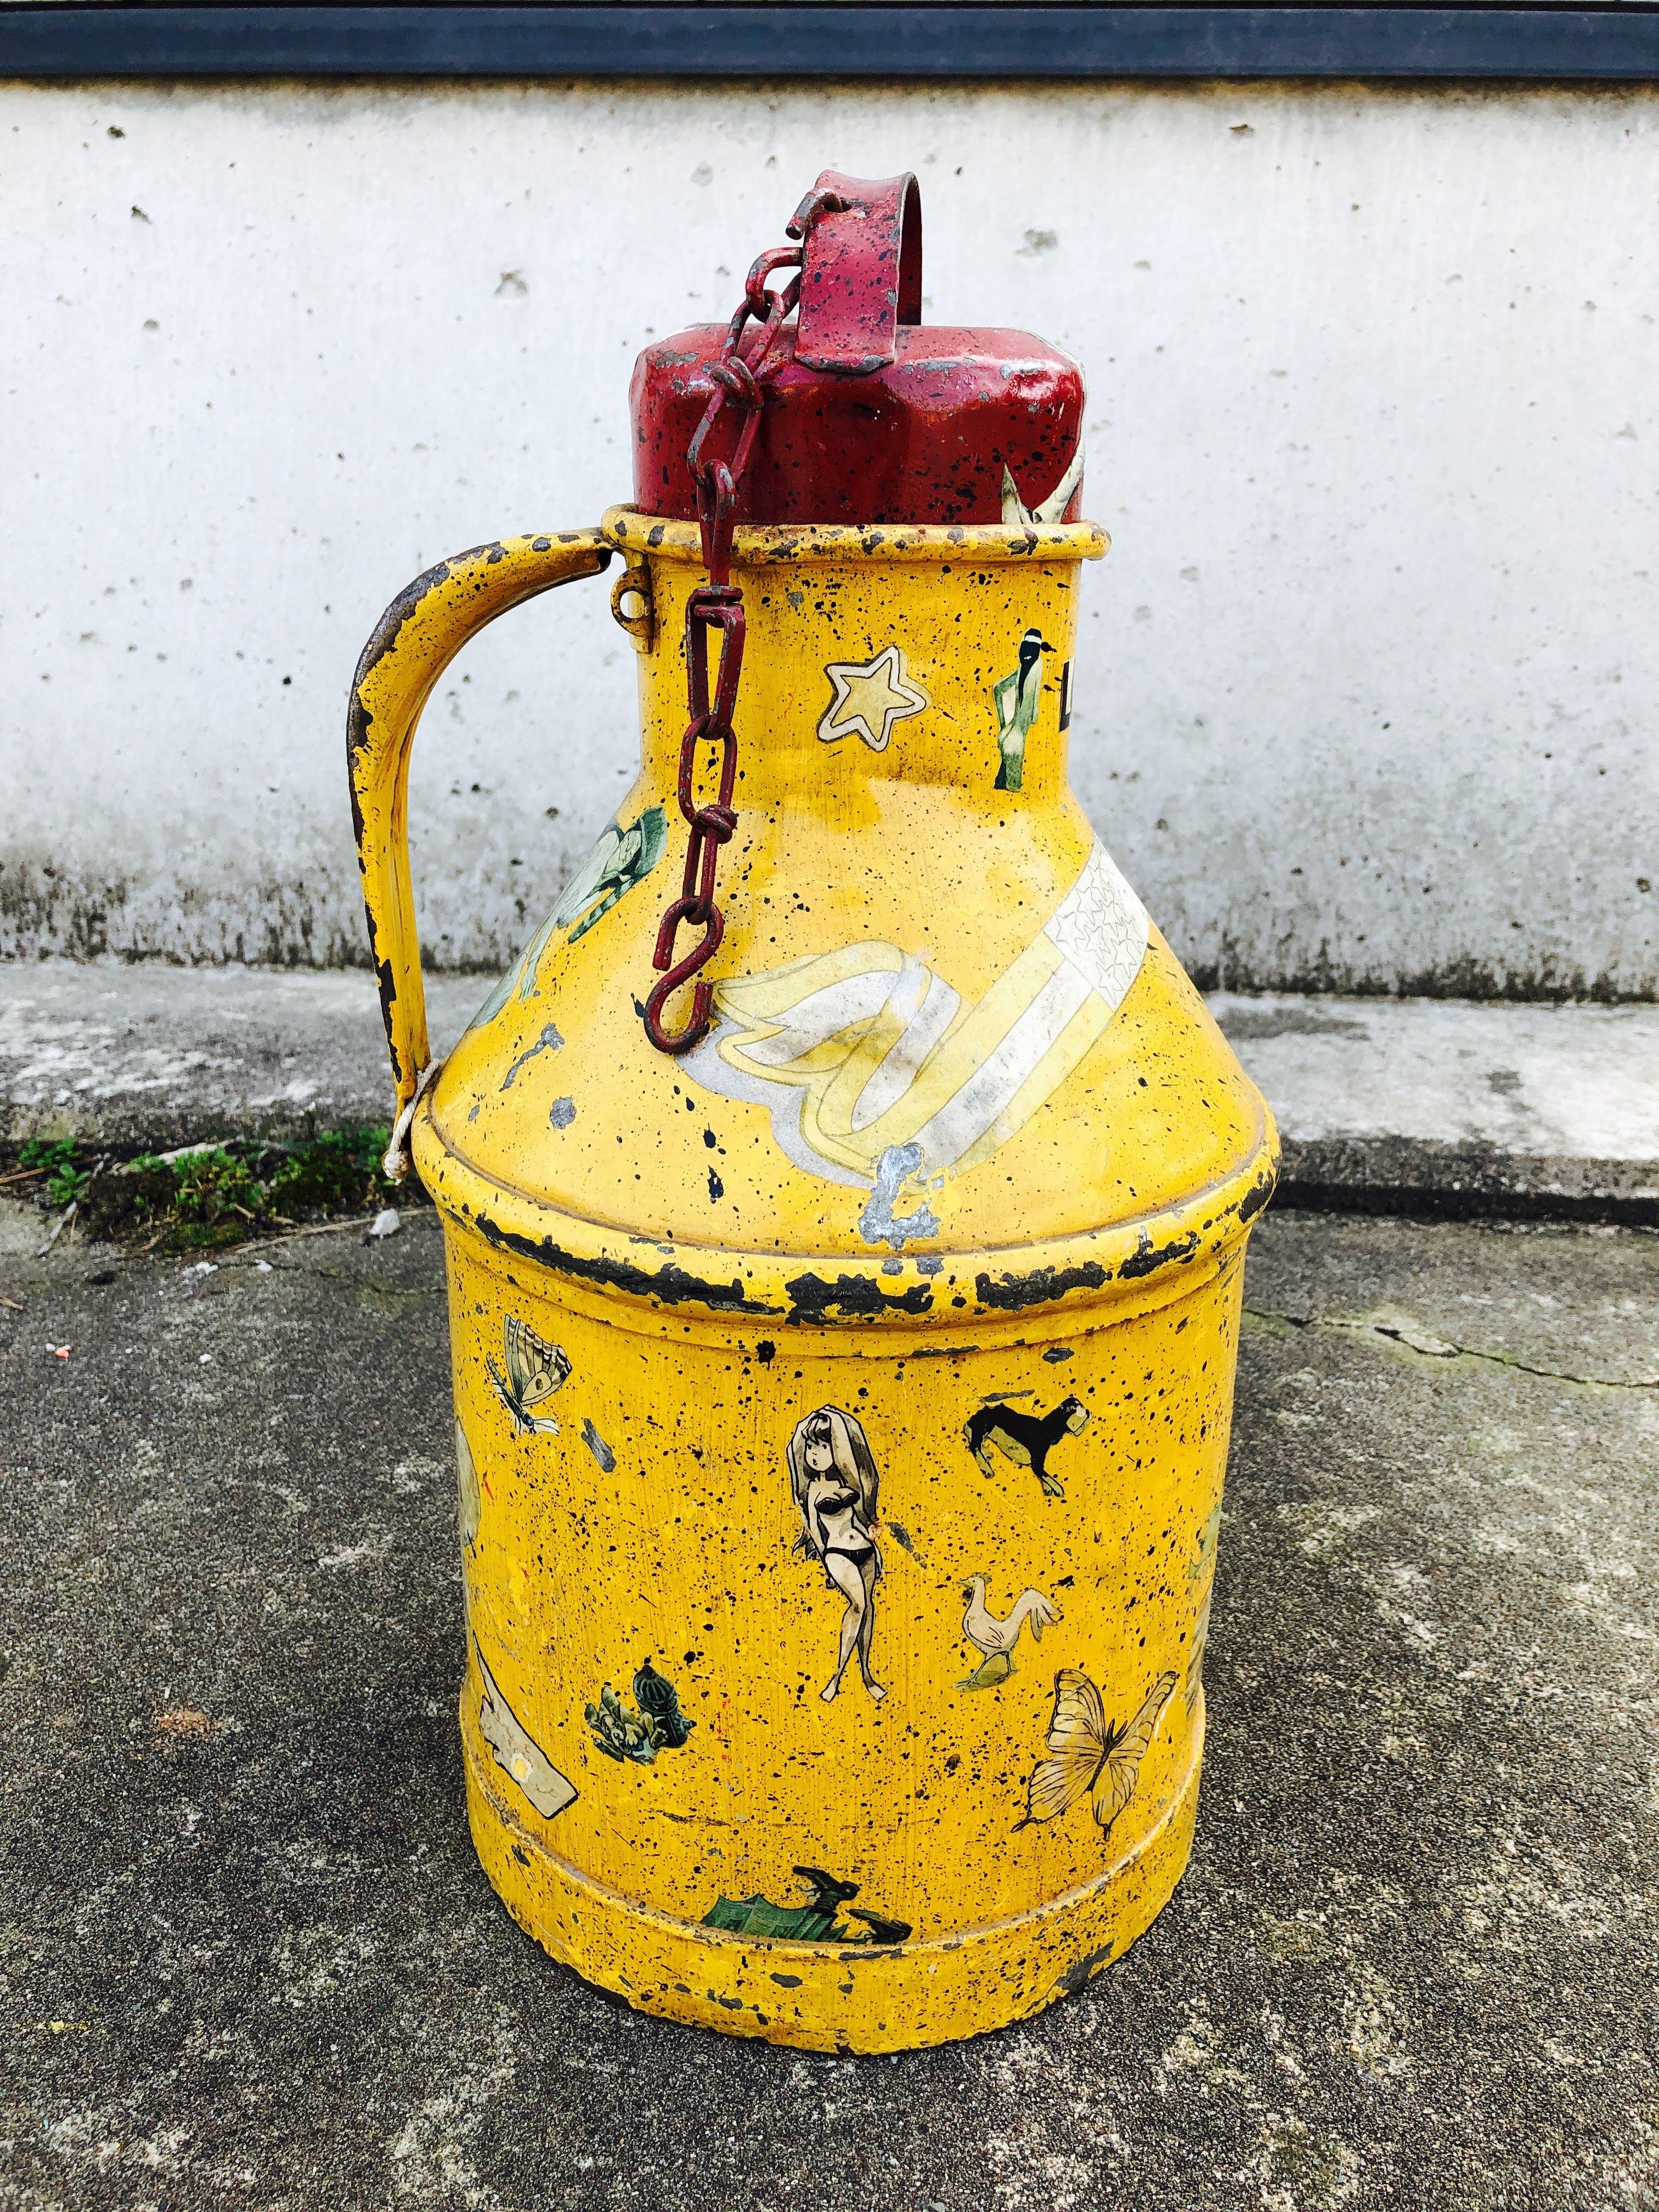 品番6015 タンク ミルク缶 イエロー レトロ アンティーク ヴィンテージ